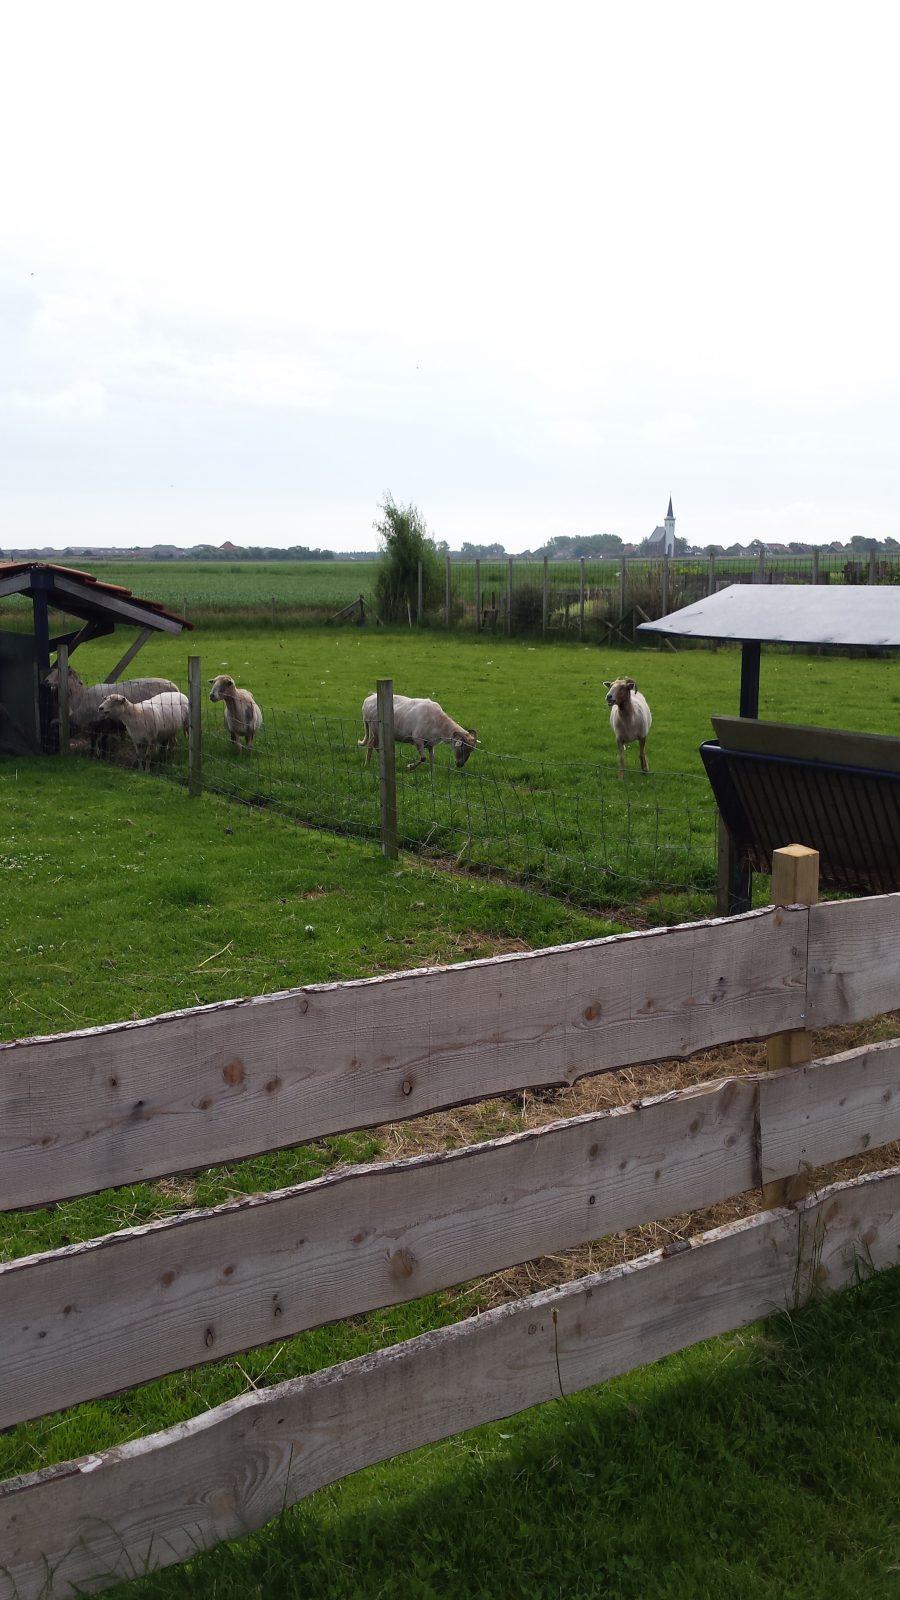 #32659923634048 Landgoed De Bonte Belevenis (Kindercollectie) Mooi Noord Holland Aanbevolen Design Meubelen Noord Holland 1719 afbeelding/foto 232241281719 beeld